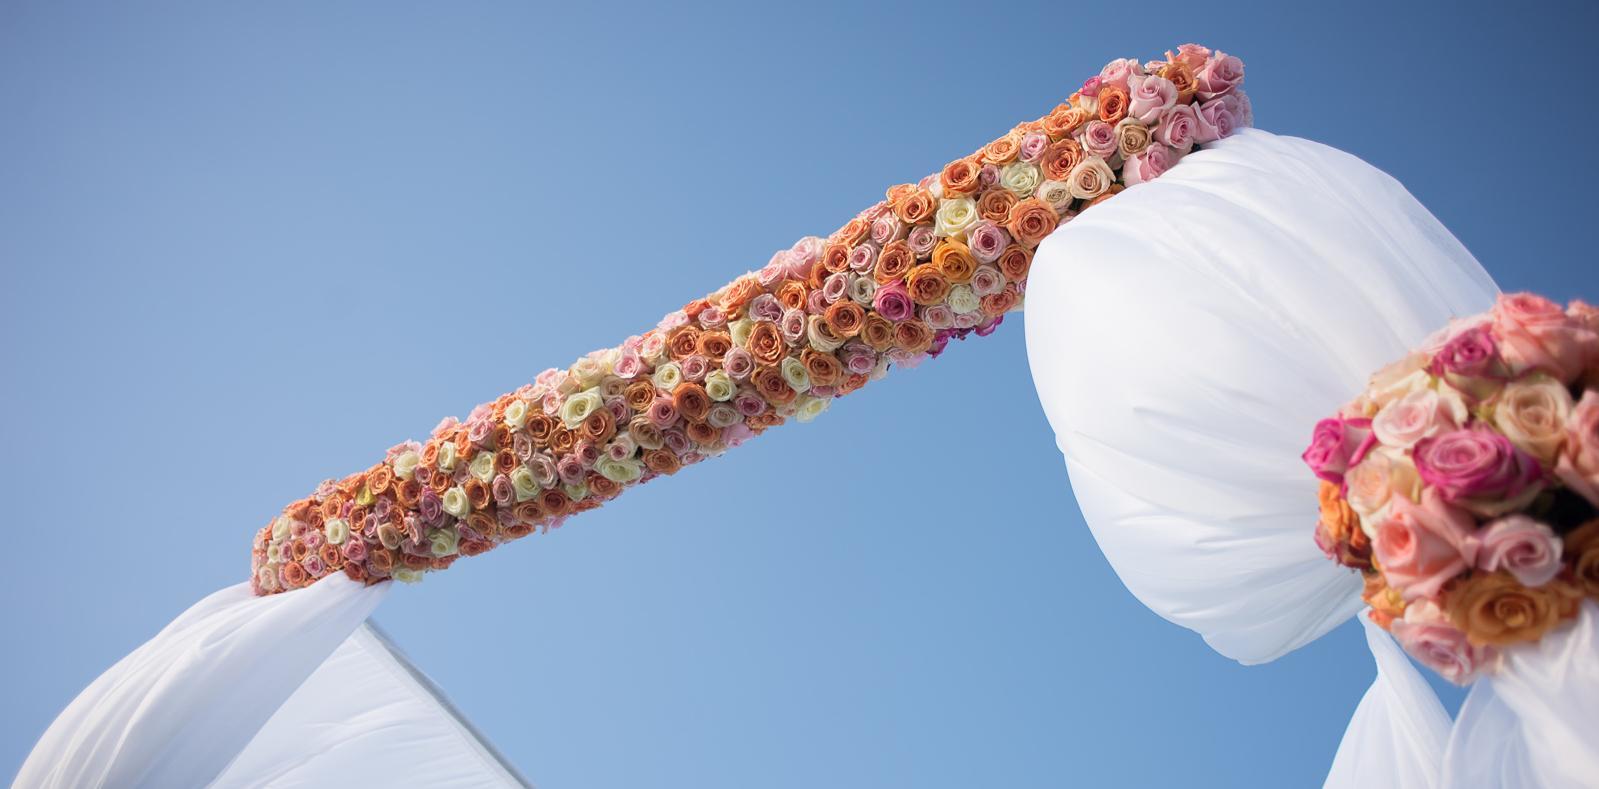 bodas-estilo-libre-sin-tema-cuba-7272.jpg